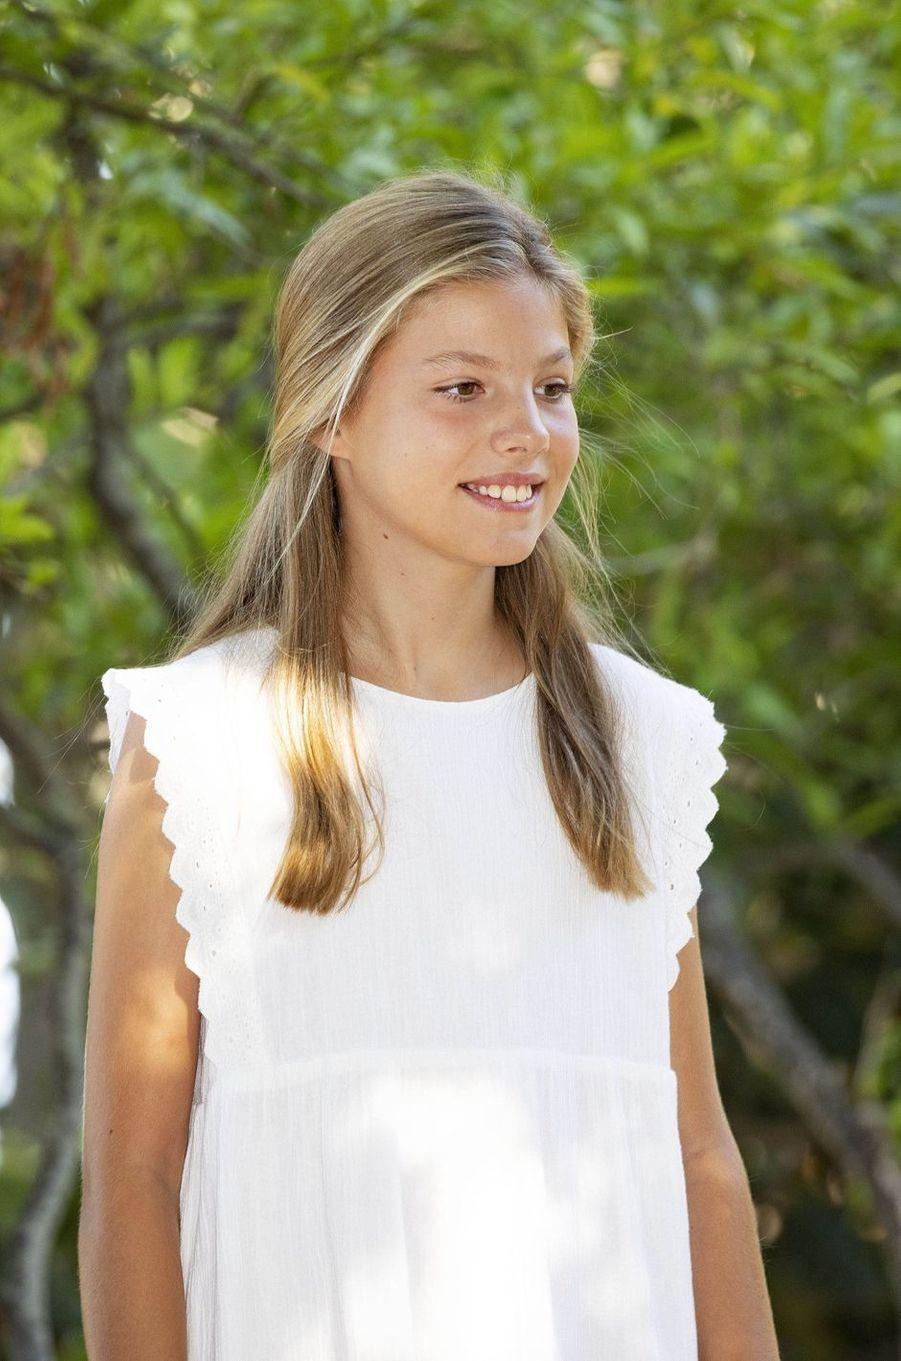 La princesse Sofia d'Espagne à Son Marroig sur l'île de Majorque, le 8 août 2019